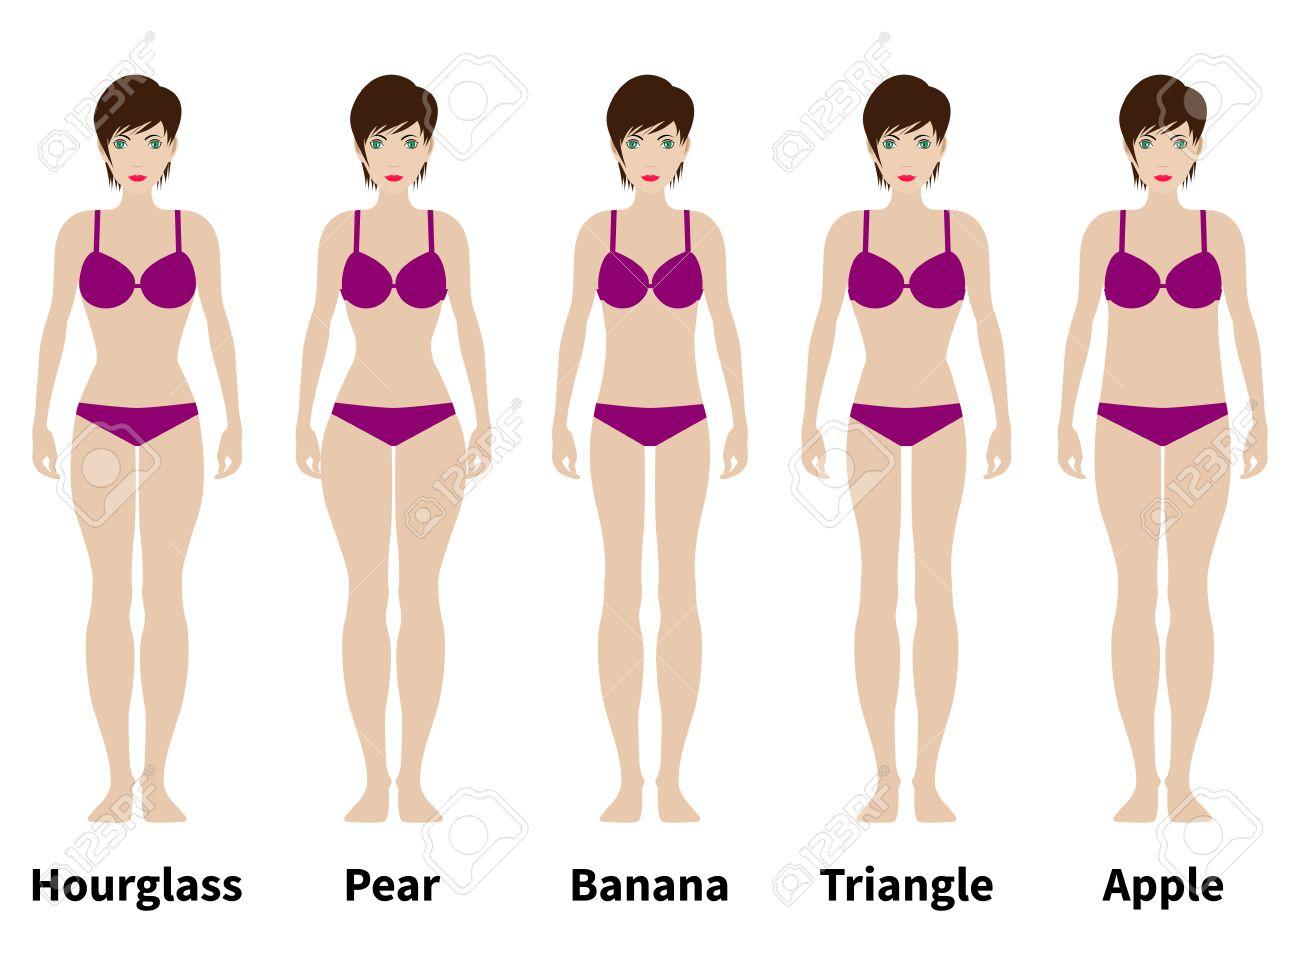 Figuras del cuerpo femenino. Formas de mujer, cinco tipos de reloj de arena, triángulo, triángulo invertido, rectángulo pera, ilustración vectorial